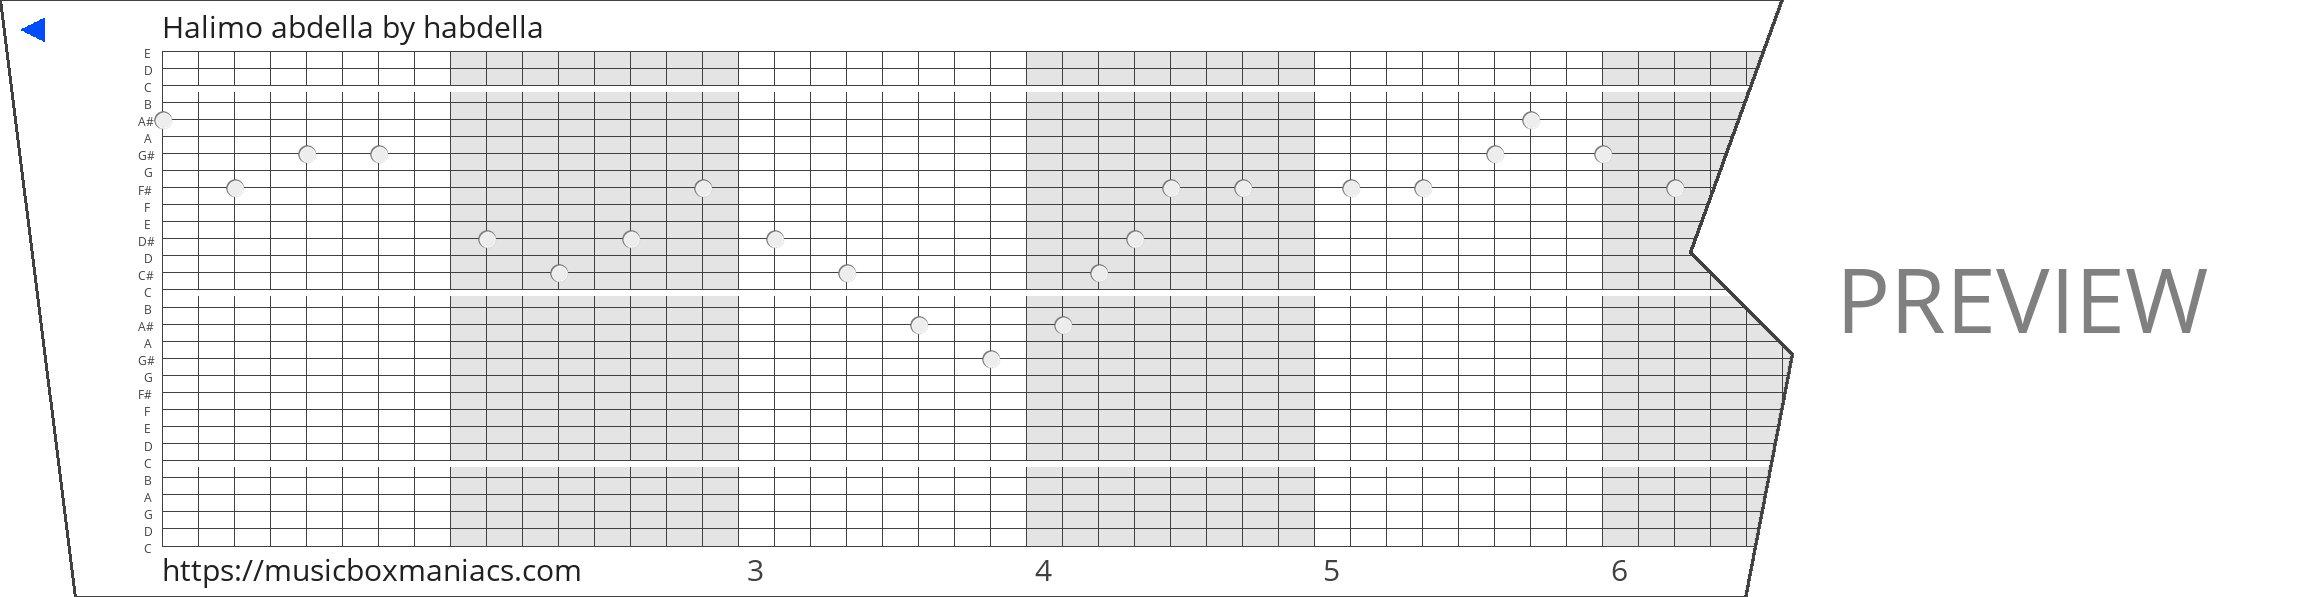 Halimo abdella 30 note music box paper strip